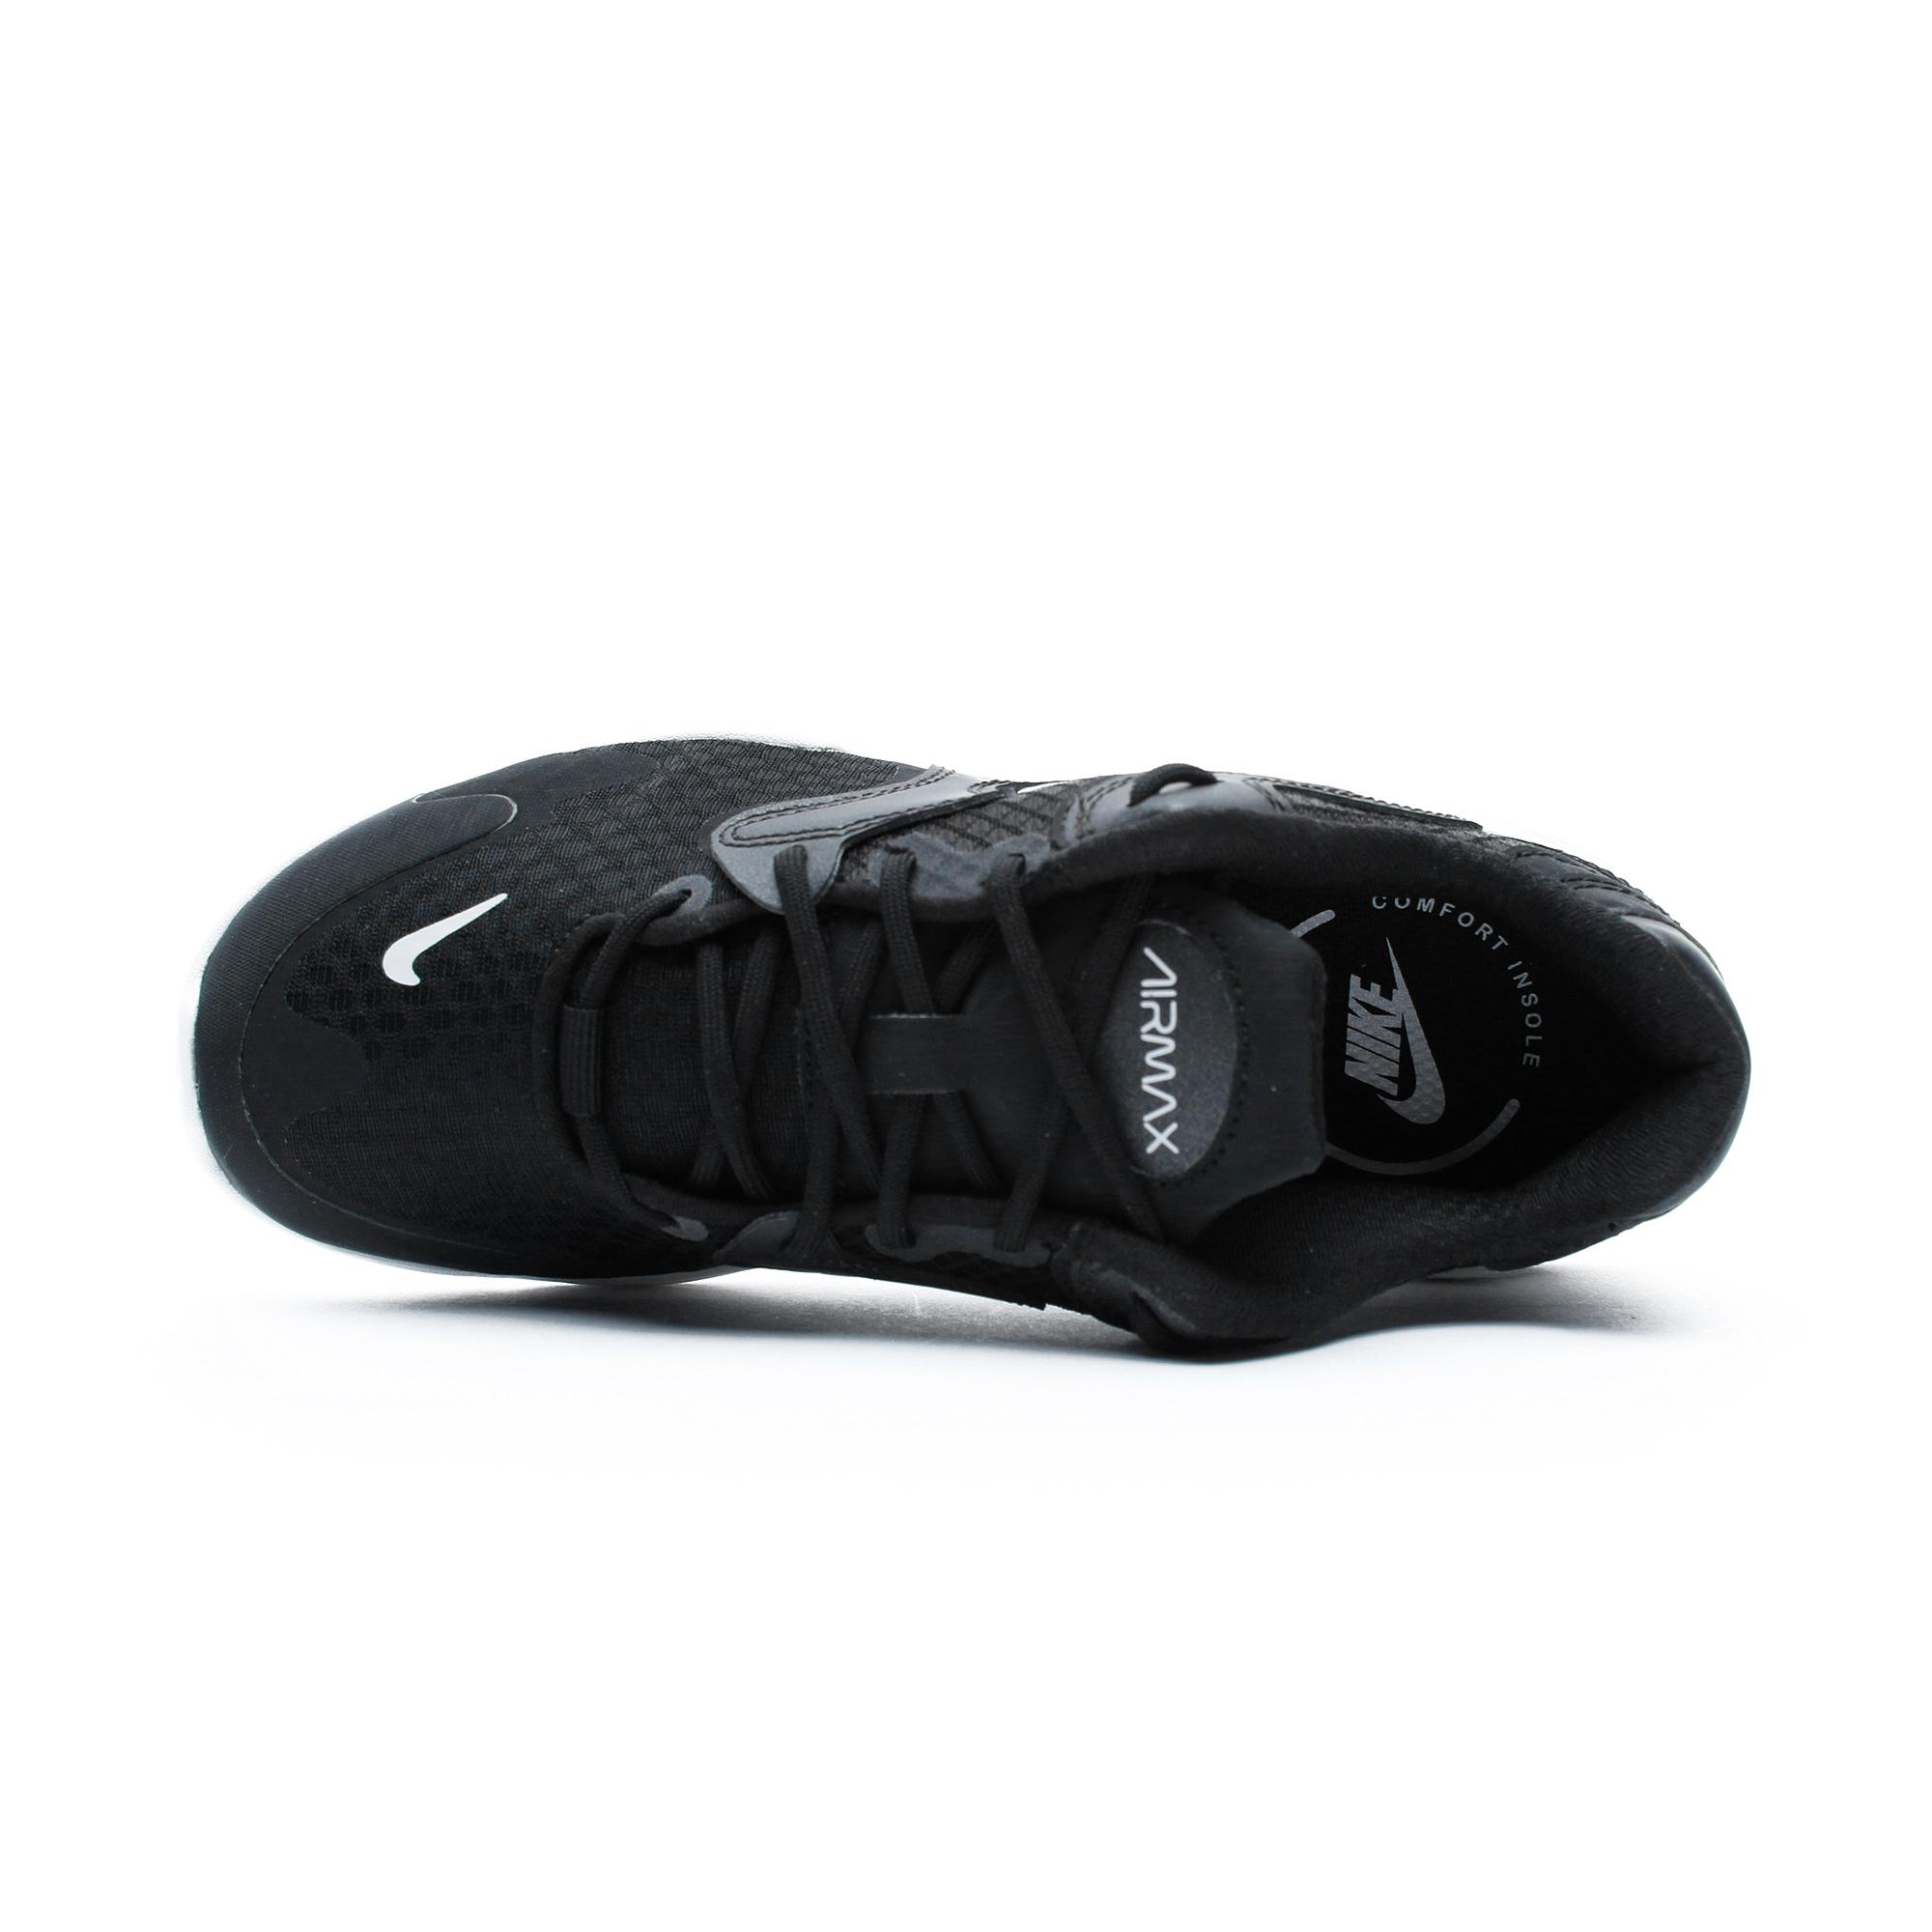 Nıke Women Shoes